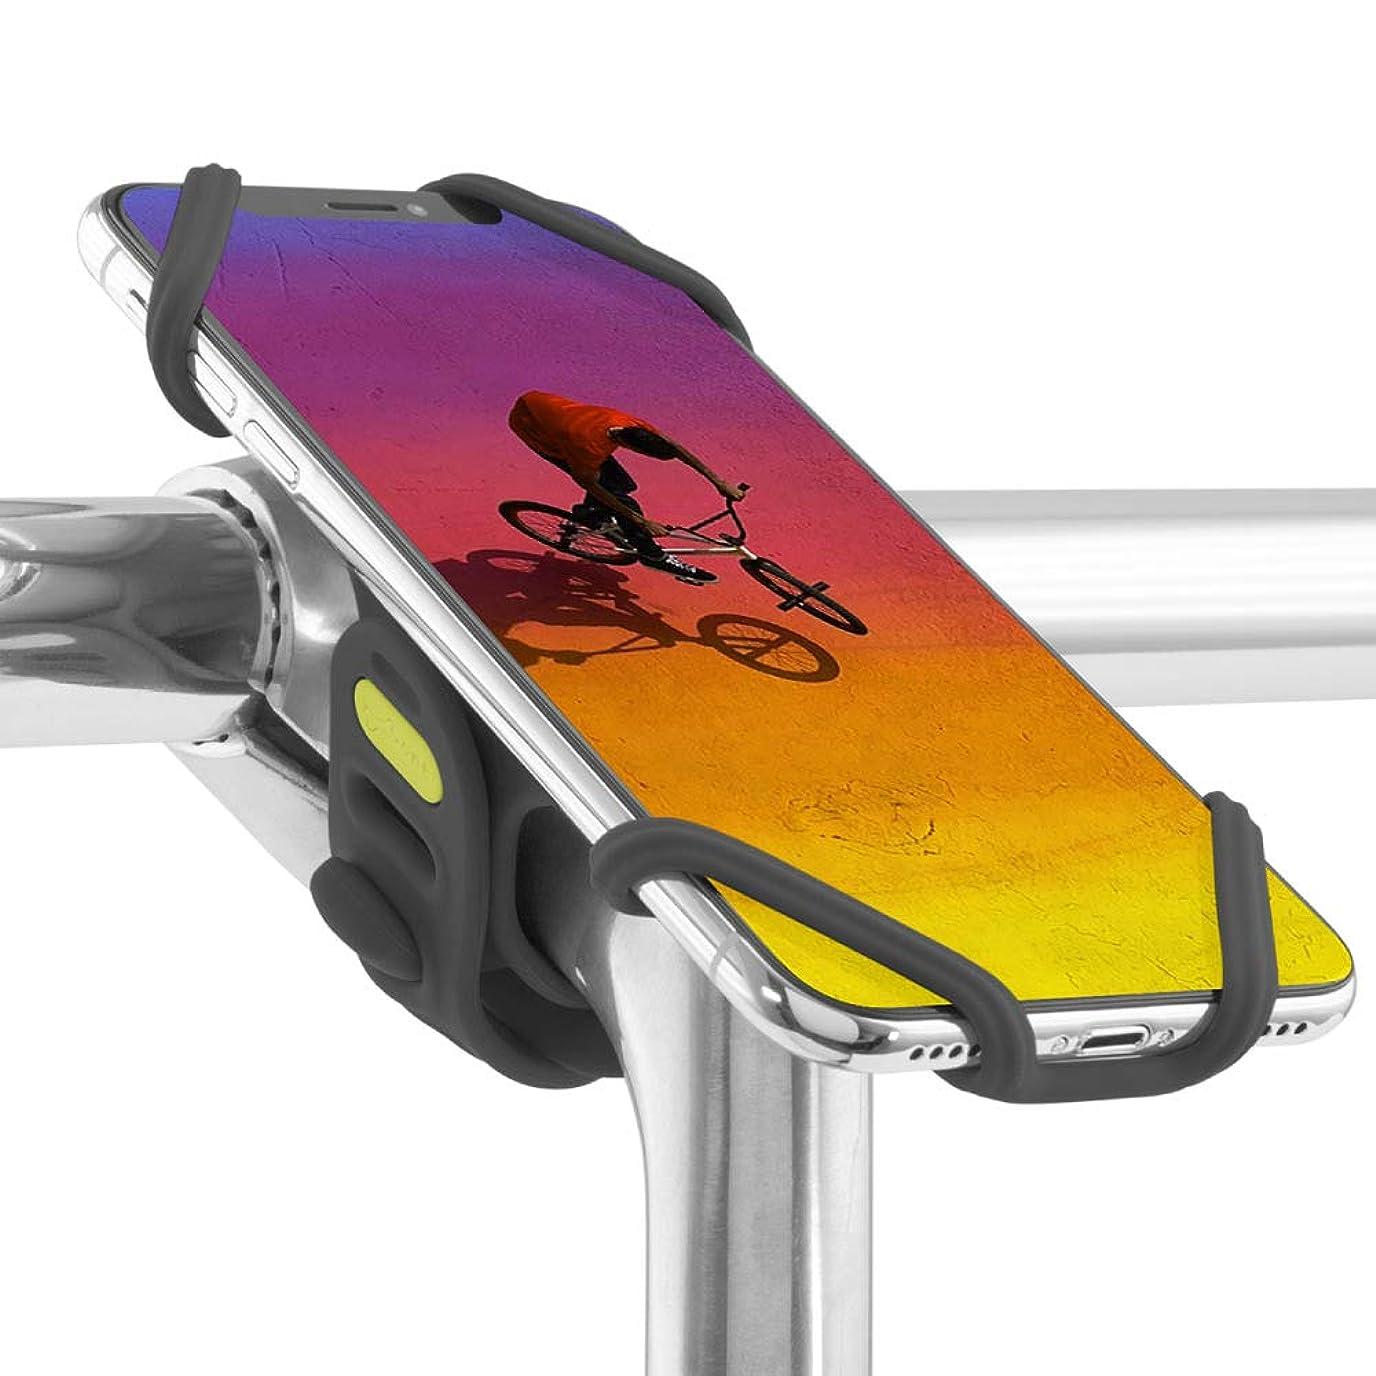 盲信フォームスカートBone 自転車 スマホ ホルダー 携帯ホルダー ステム用 超軽量 全シリコン製 脱着簡単 脱落防止 4-6.5インチのスマホに対応 iPhone XS Max XR X 8 7 6S Plus Xperia ZX3 Galaxy S10 S9 S8 note 9 Pixel 3 XL TorqueG03 / Bike Tie Pro 2 縦型 ブラック